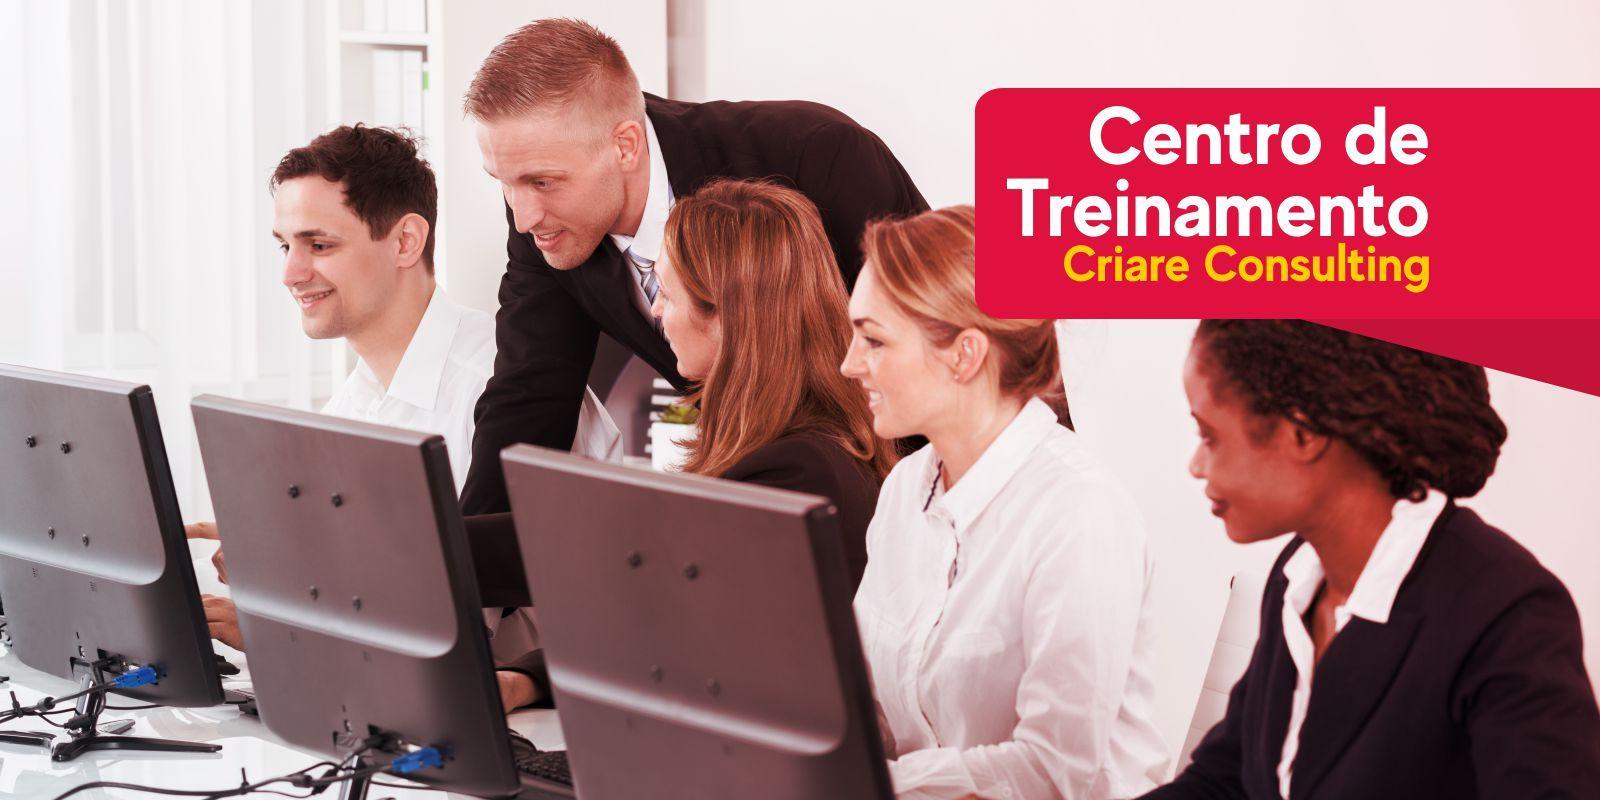 Criare Consulting Inaugura Centro de Treinamento